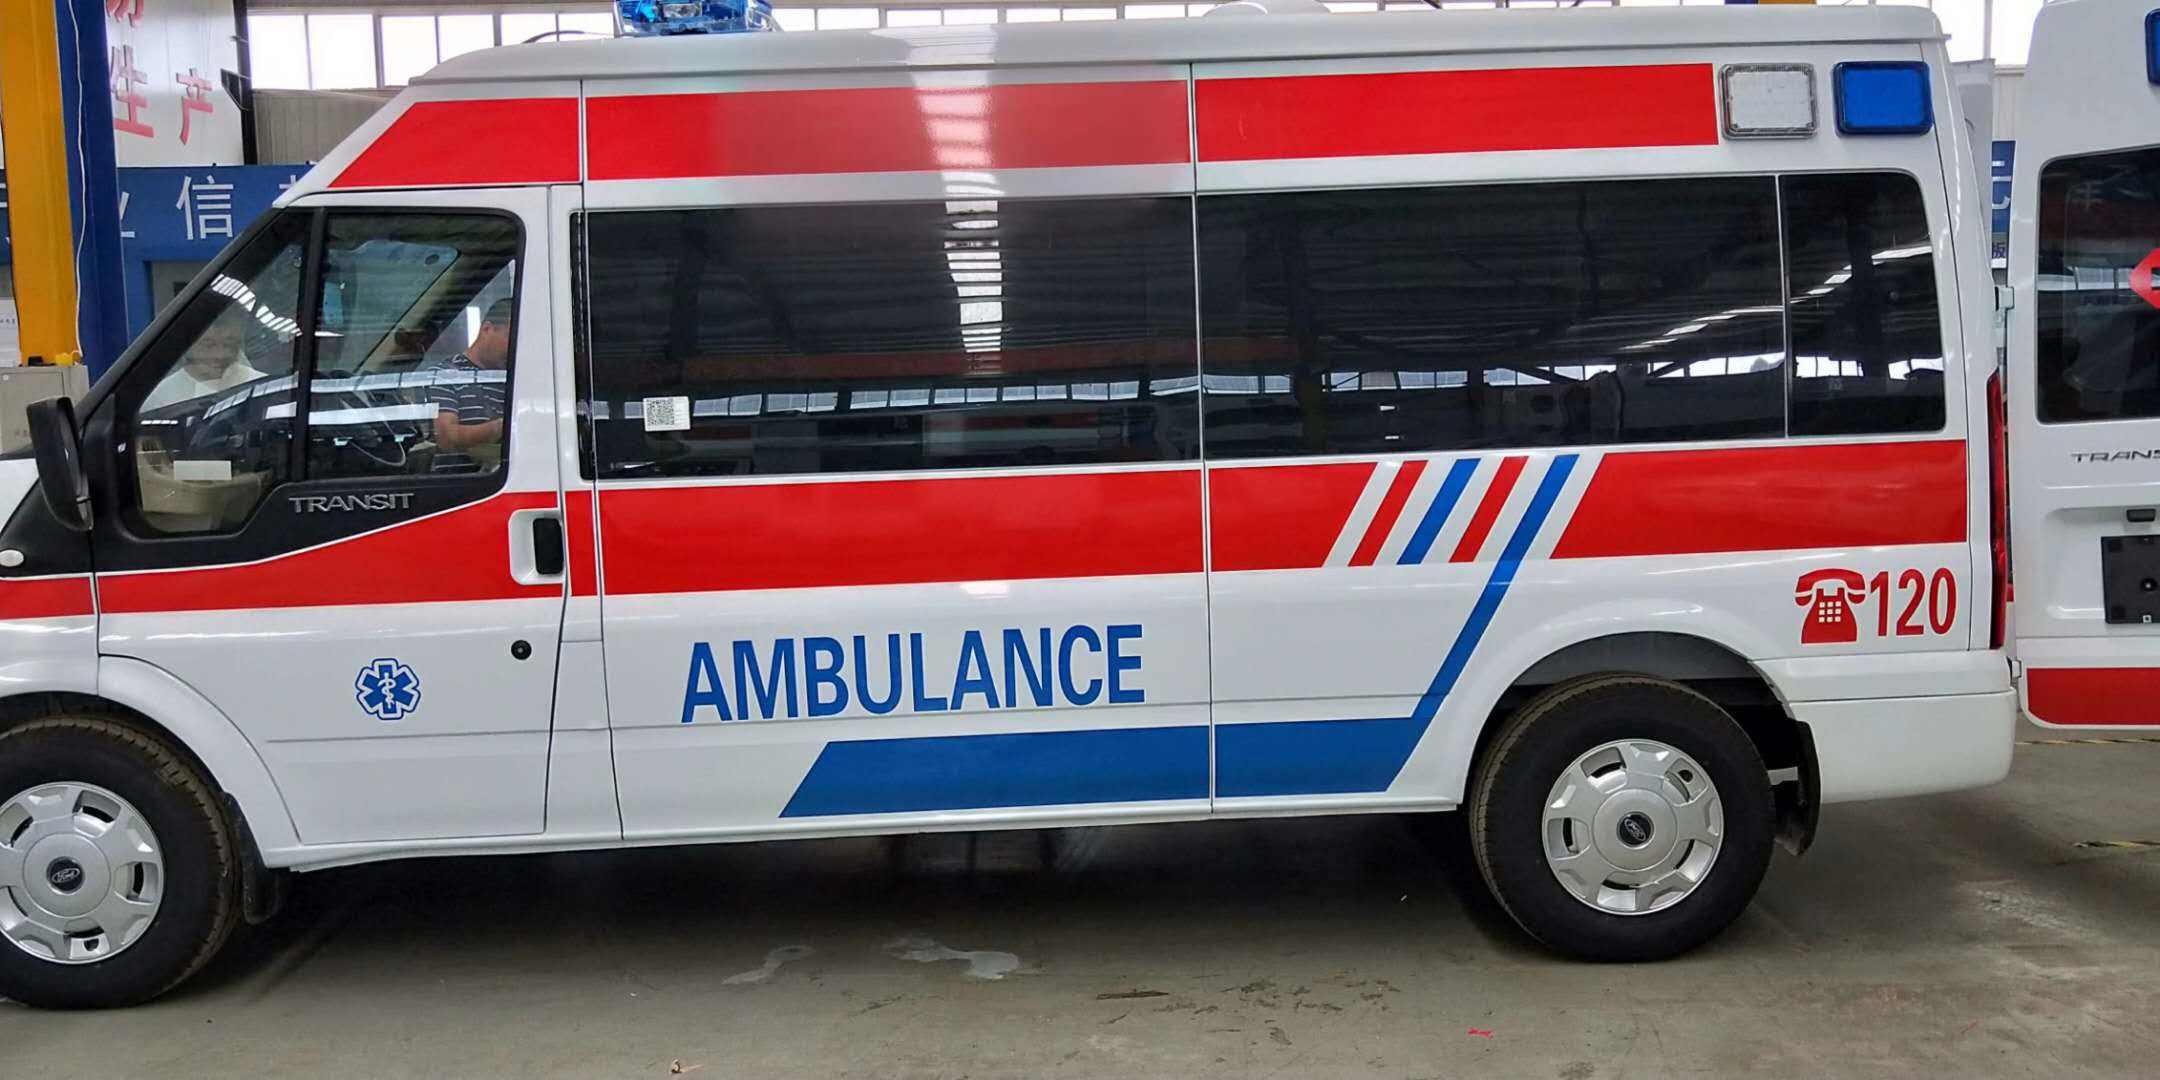 屯昌县救护车长途转运、可提前预约